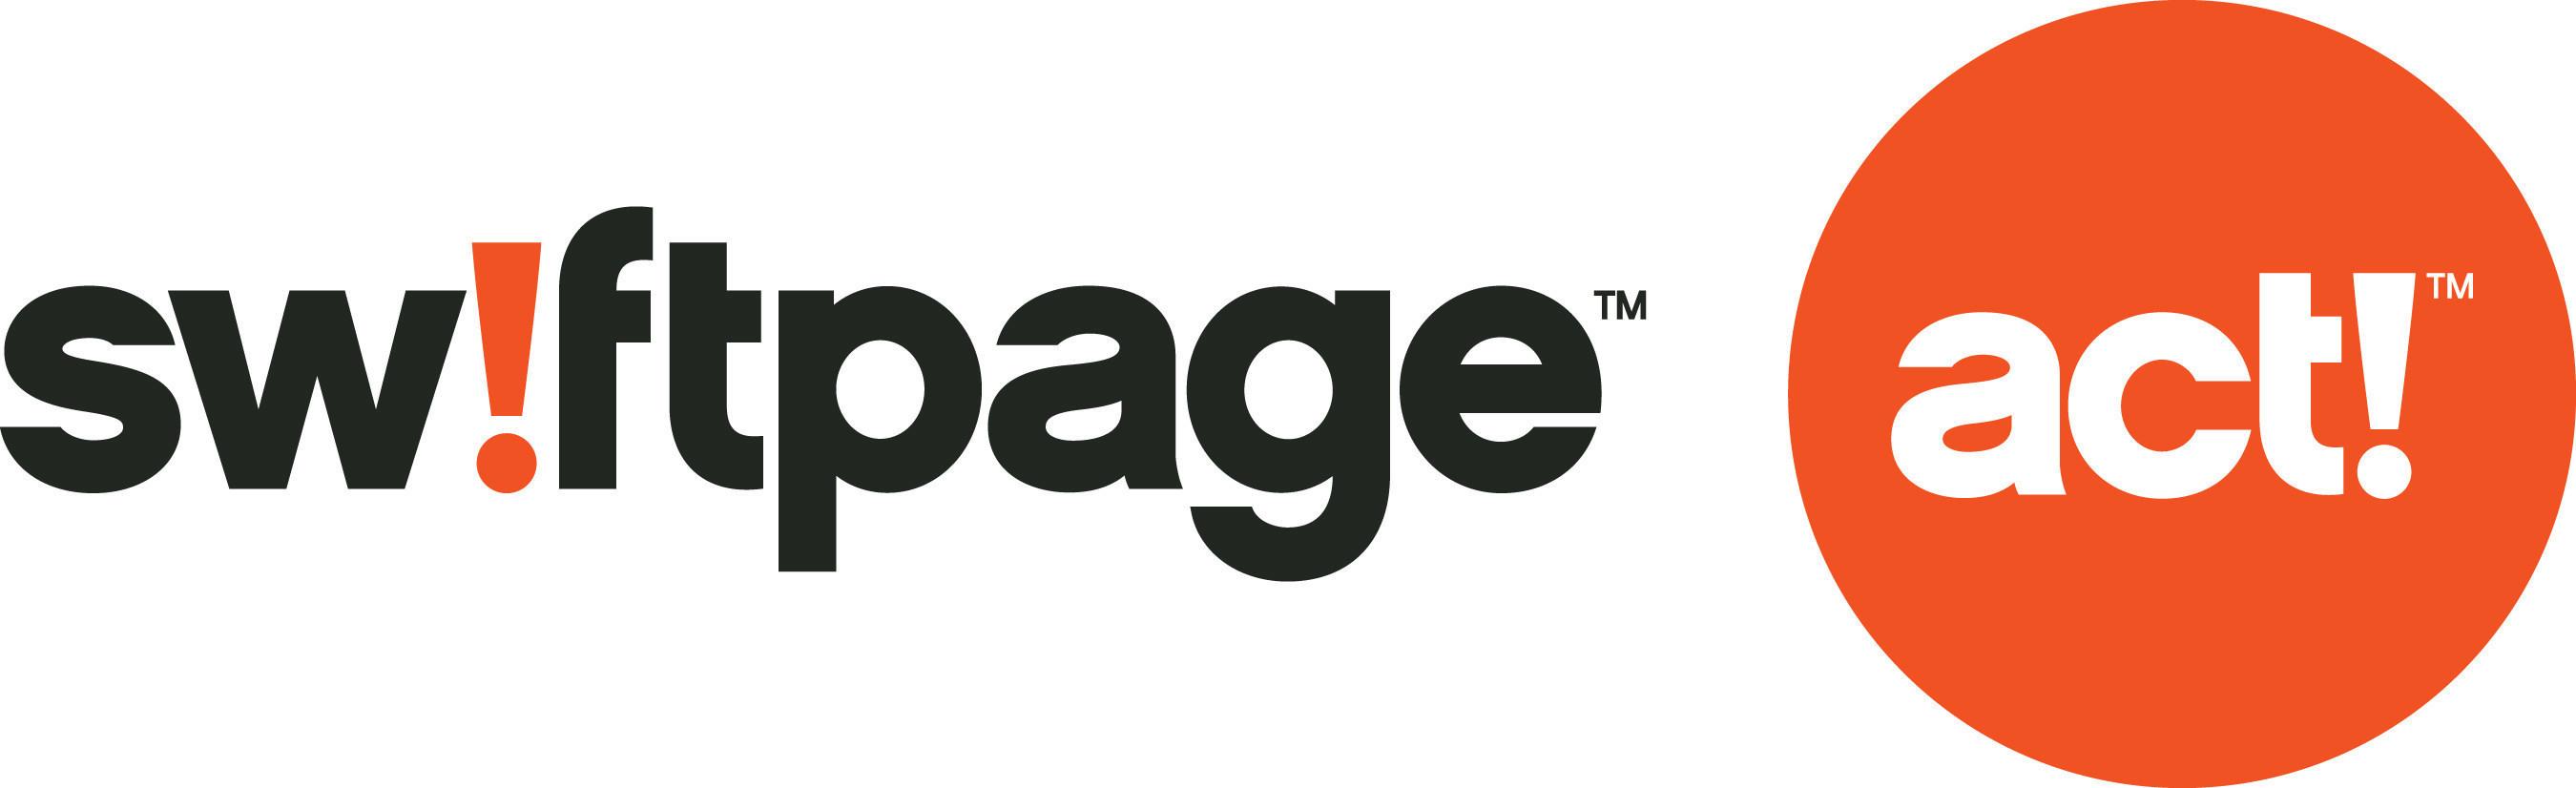 Swiftpage annonce un partenariat avec ePages lors de l'événement HostingCon Europe